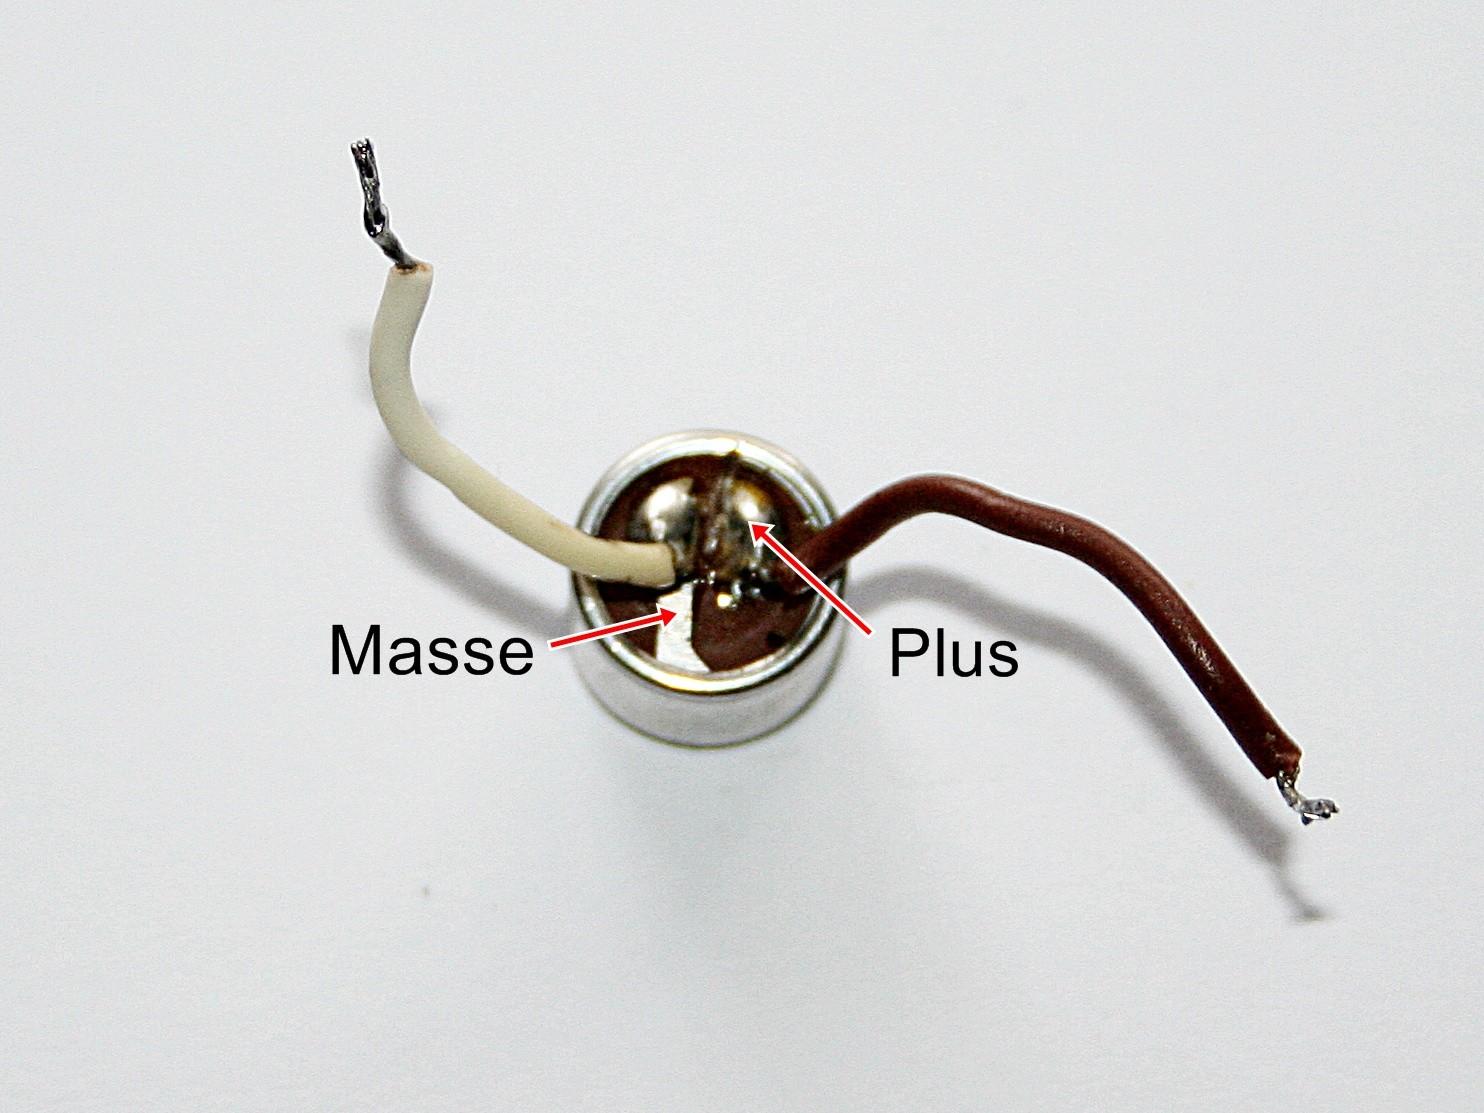 Einfacher Mikrofonverstärker für 1,5 Volt - Elektronische Basteleien